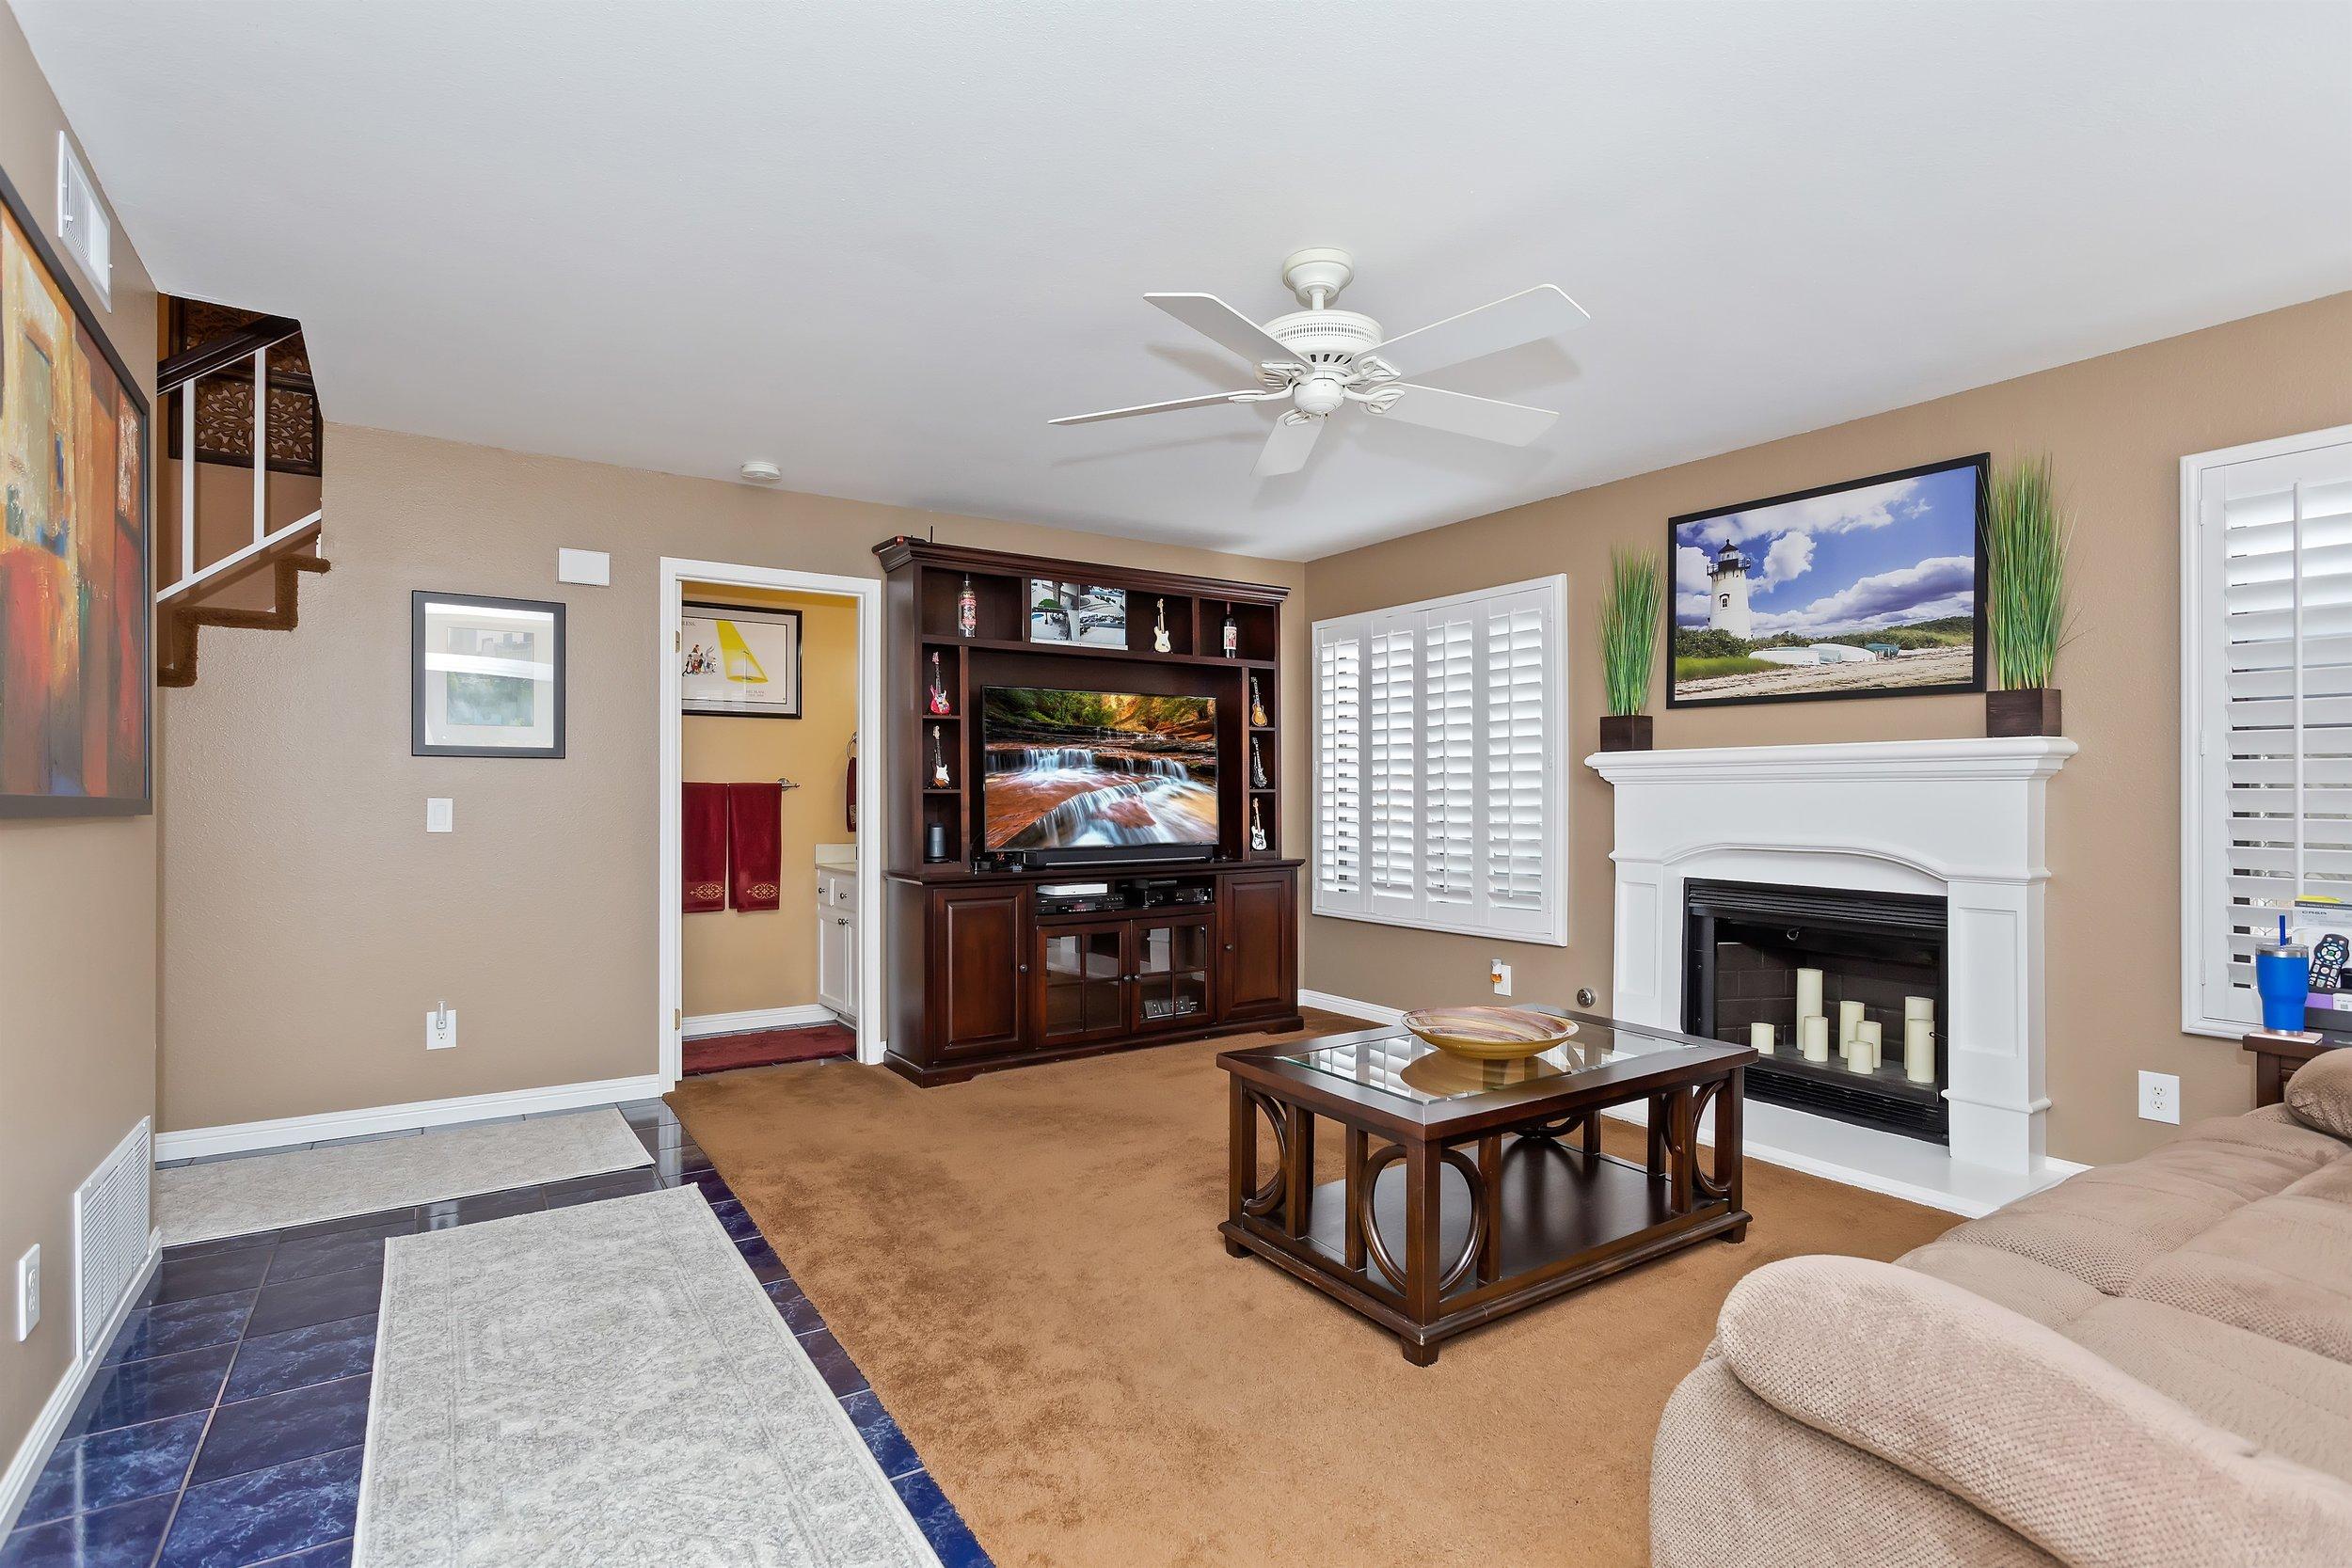 013_Family Room.jpg